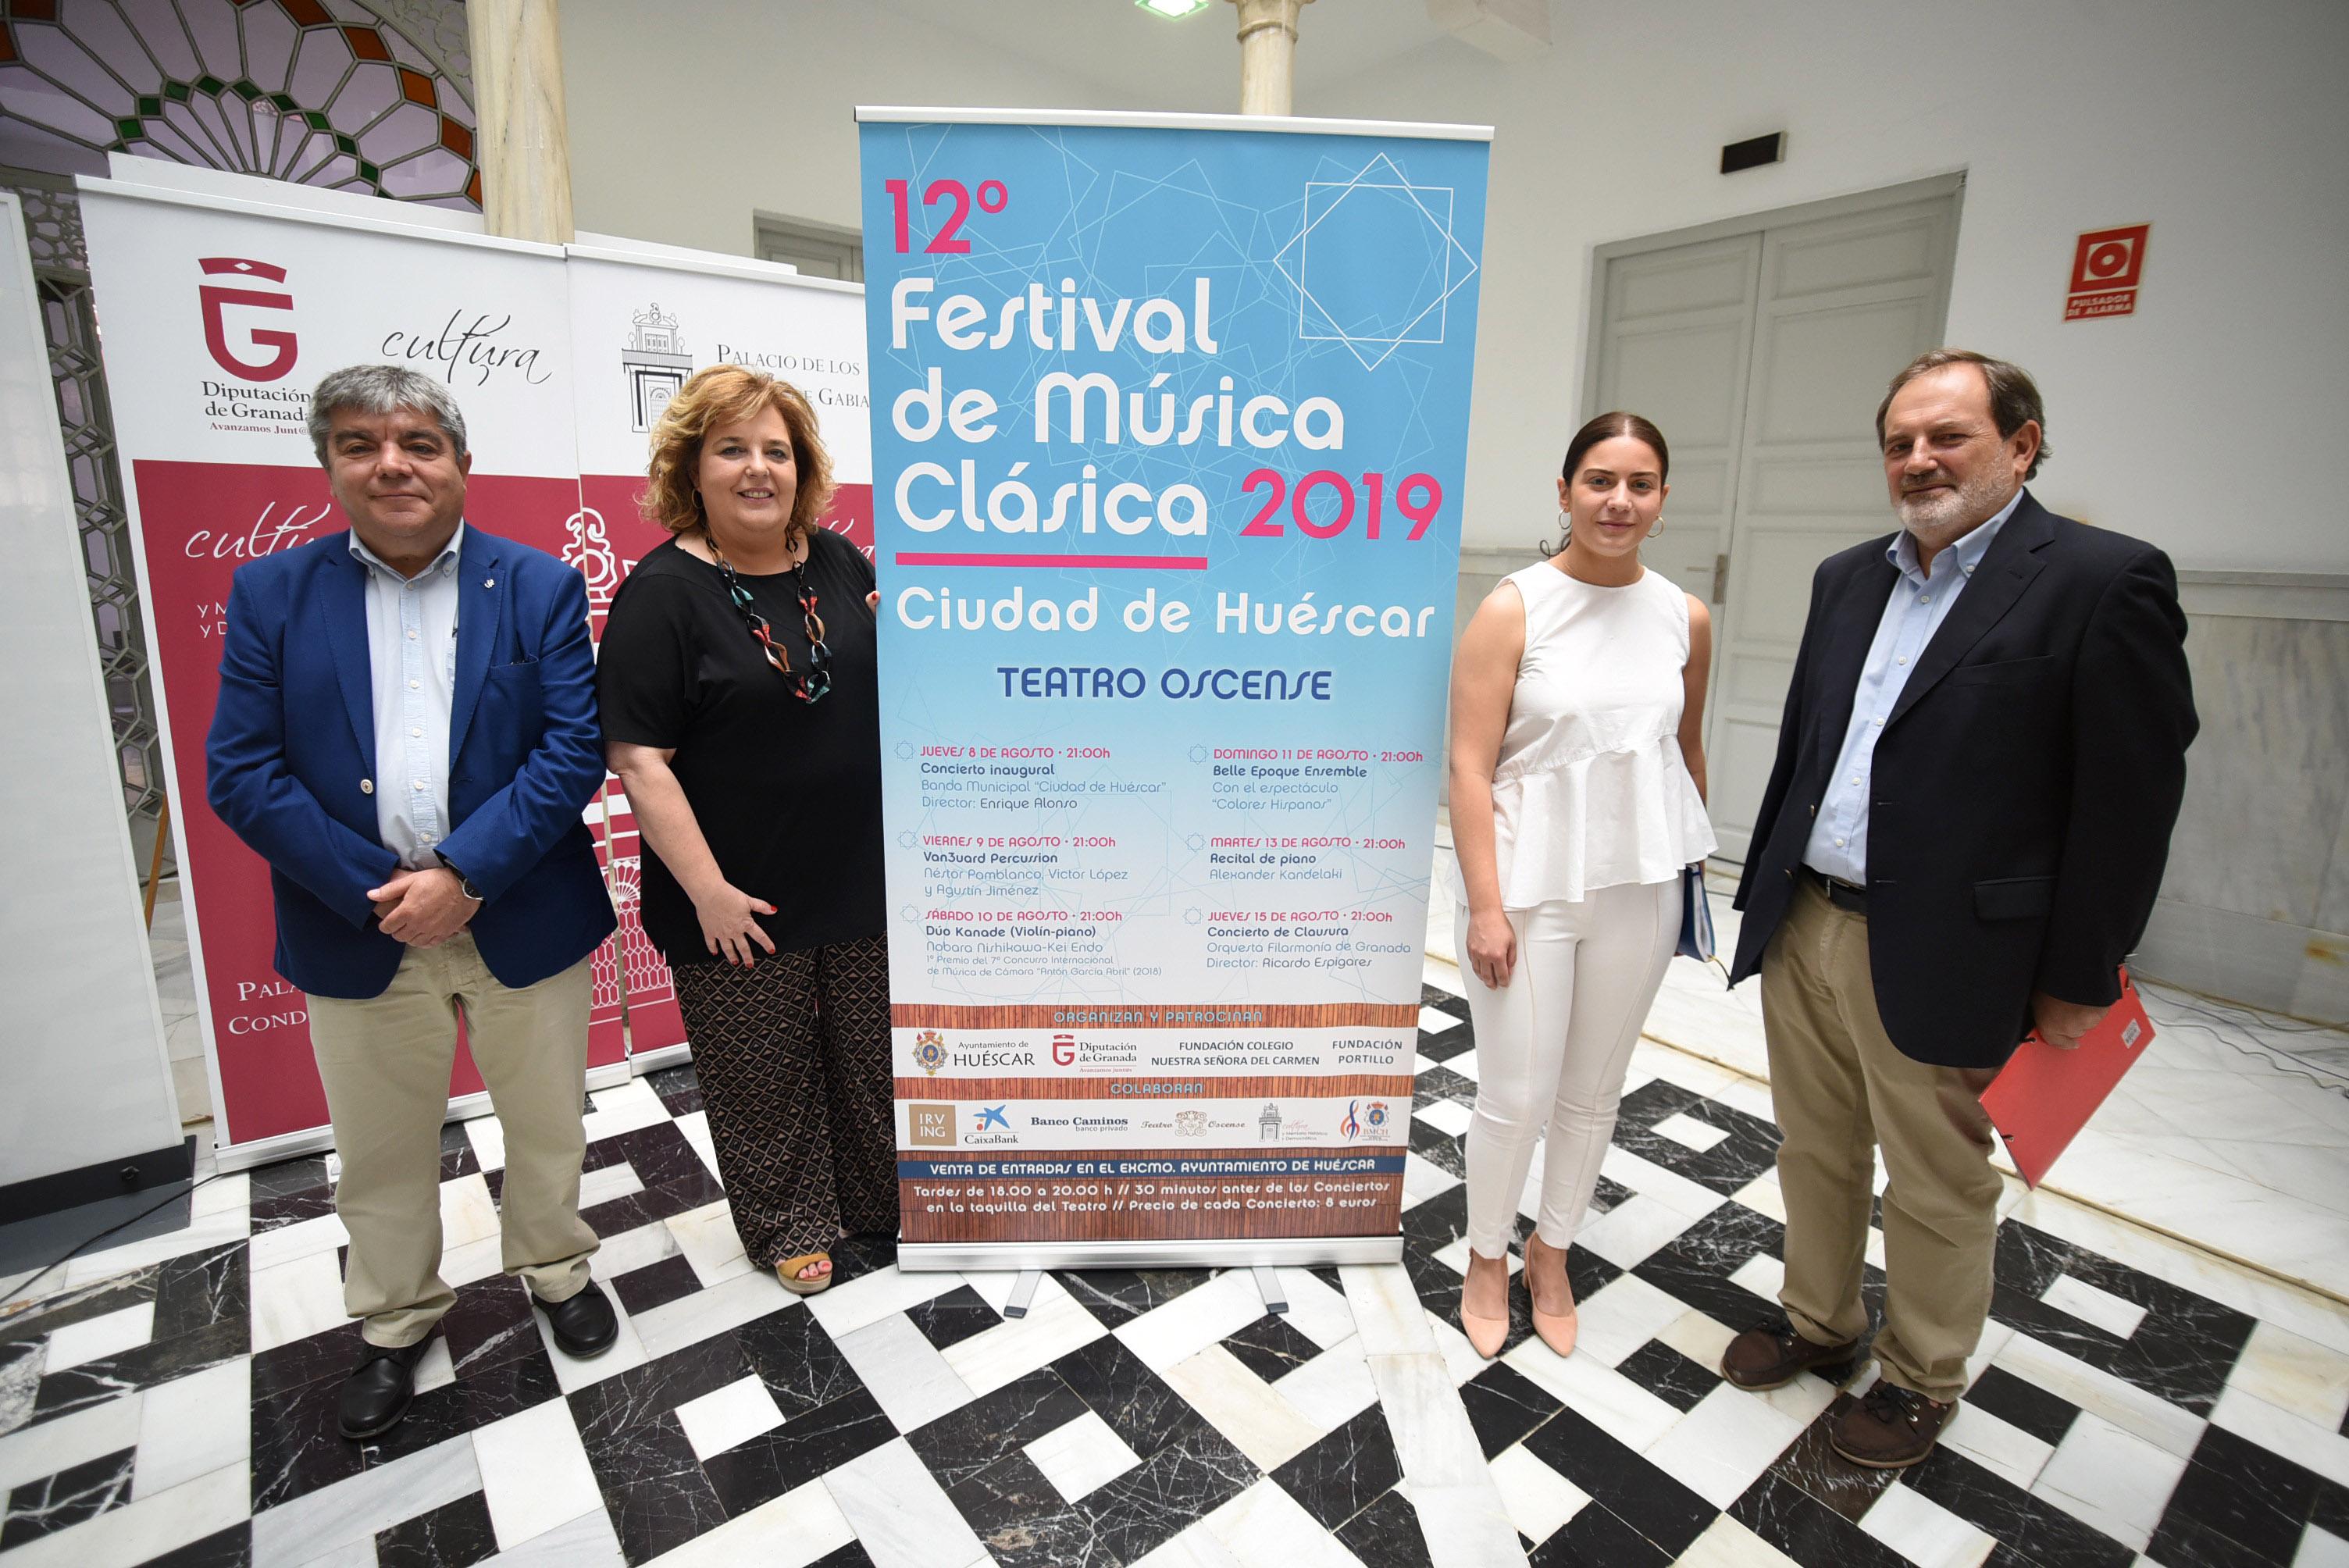 El Festival de Música Clásica Ciudad de Huéscar ofrece seis conciertos de estilo clásico y contemporáneo